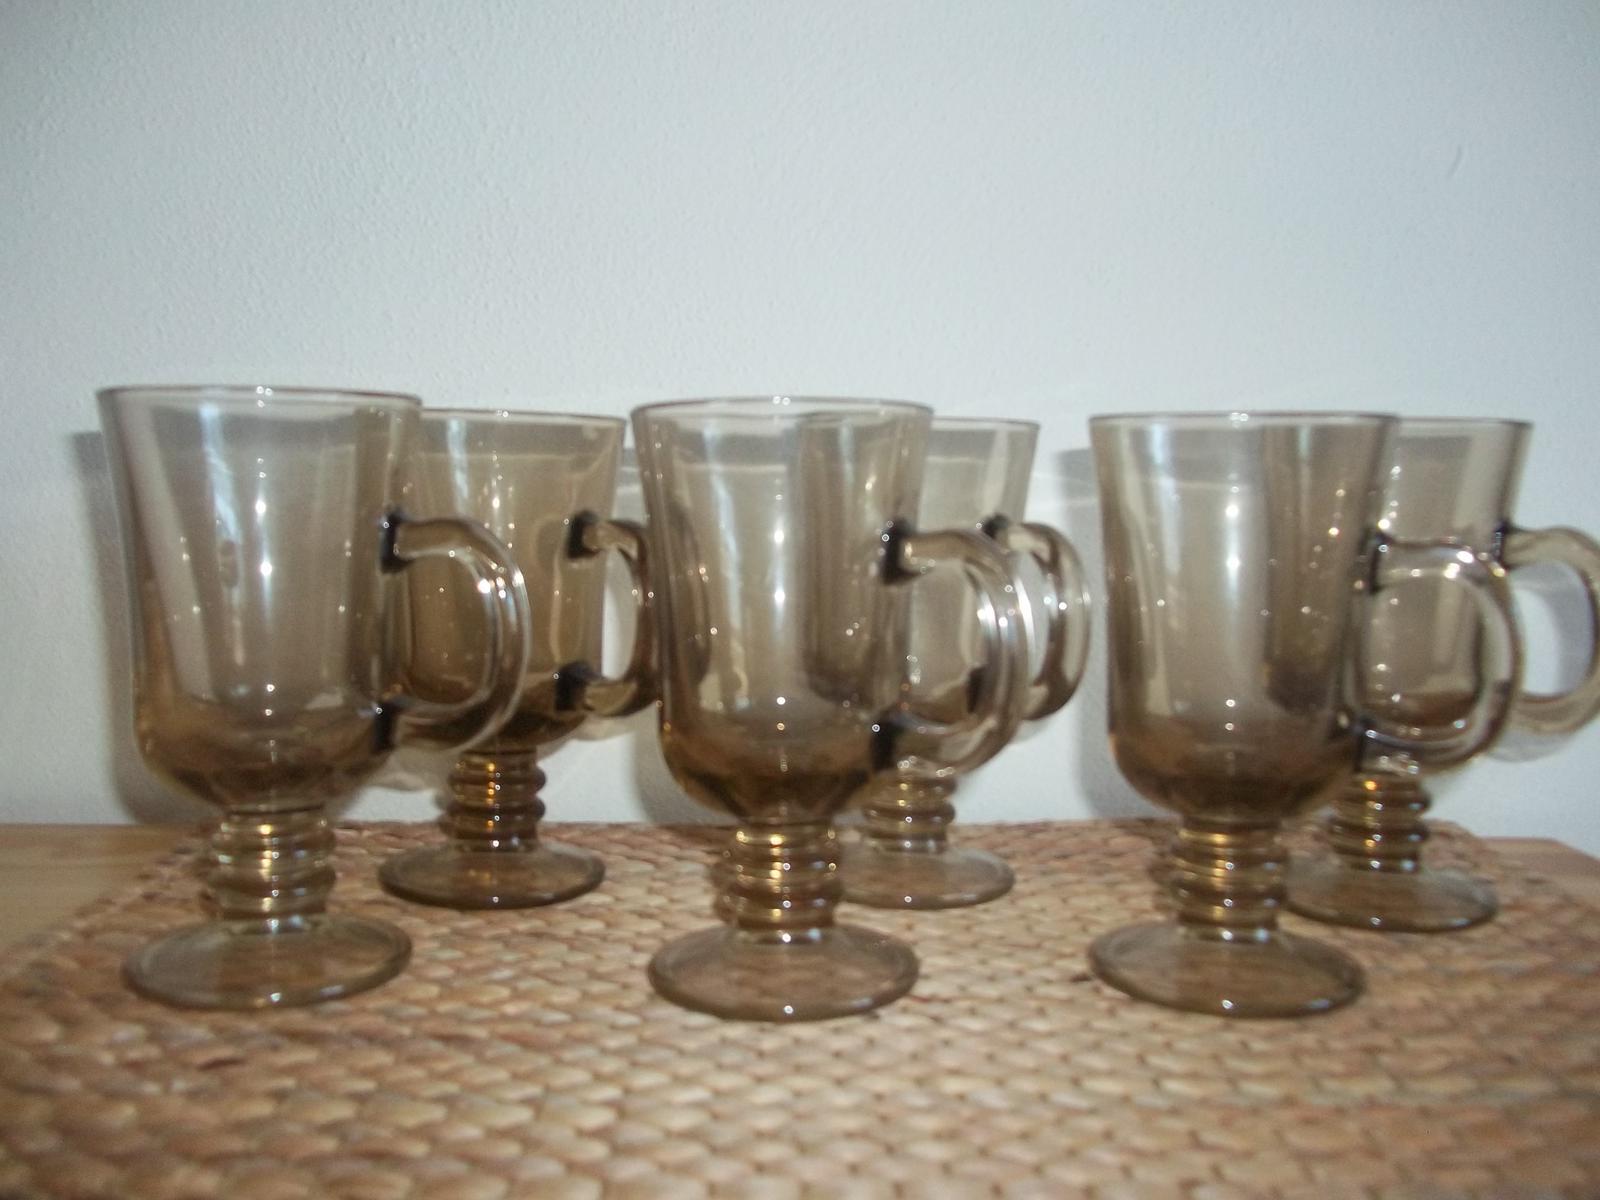 Sada pohárov s uškom z hnedého skla - Obrázok č. 1